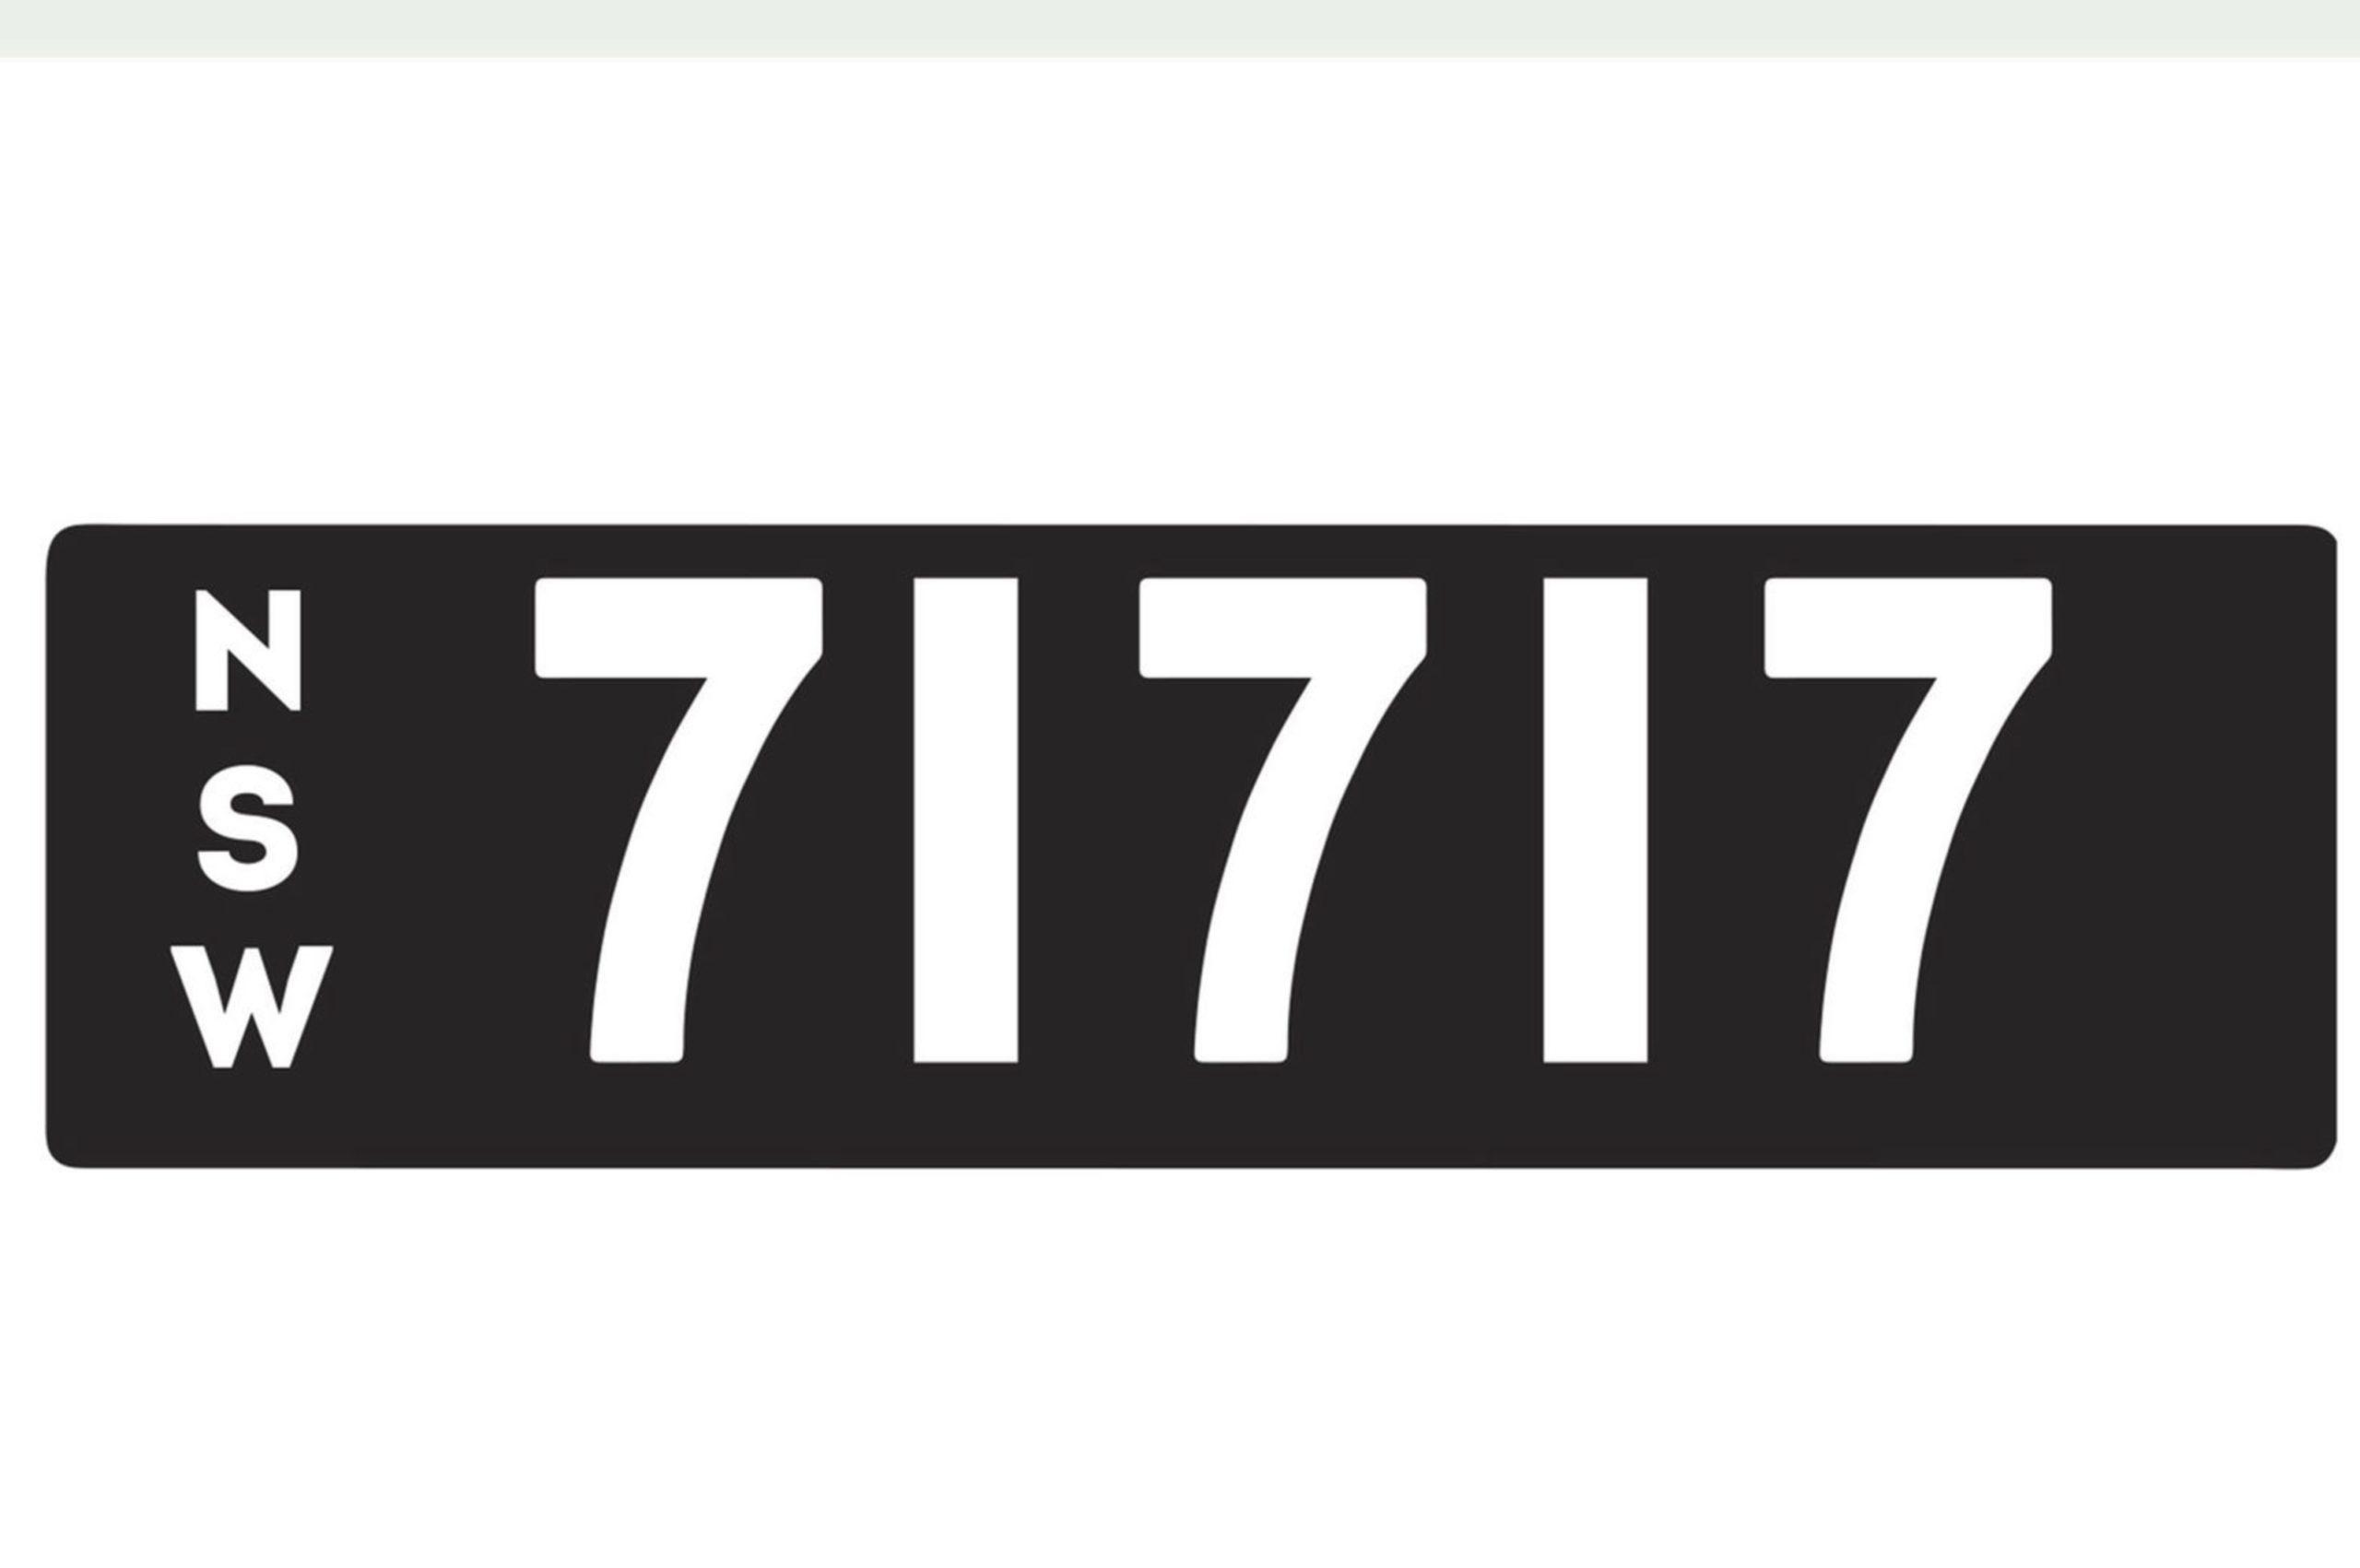 Plaque 71717 les séquences sont très recherchées - VIC et NSW avril 2021.